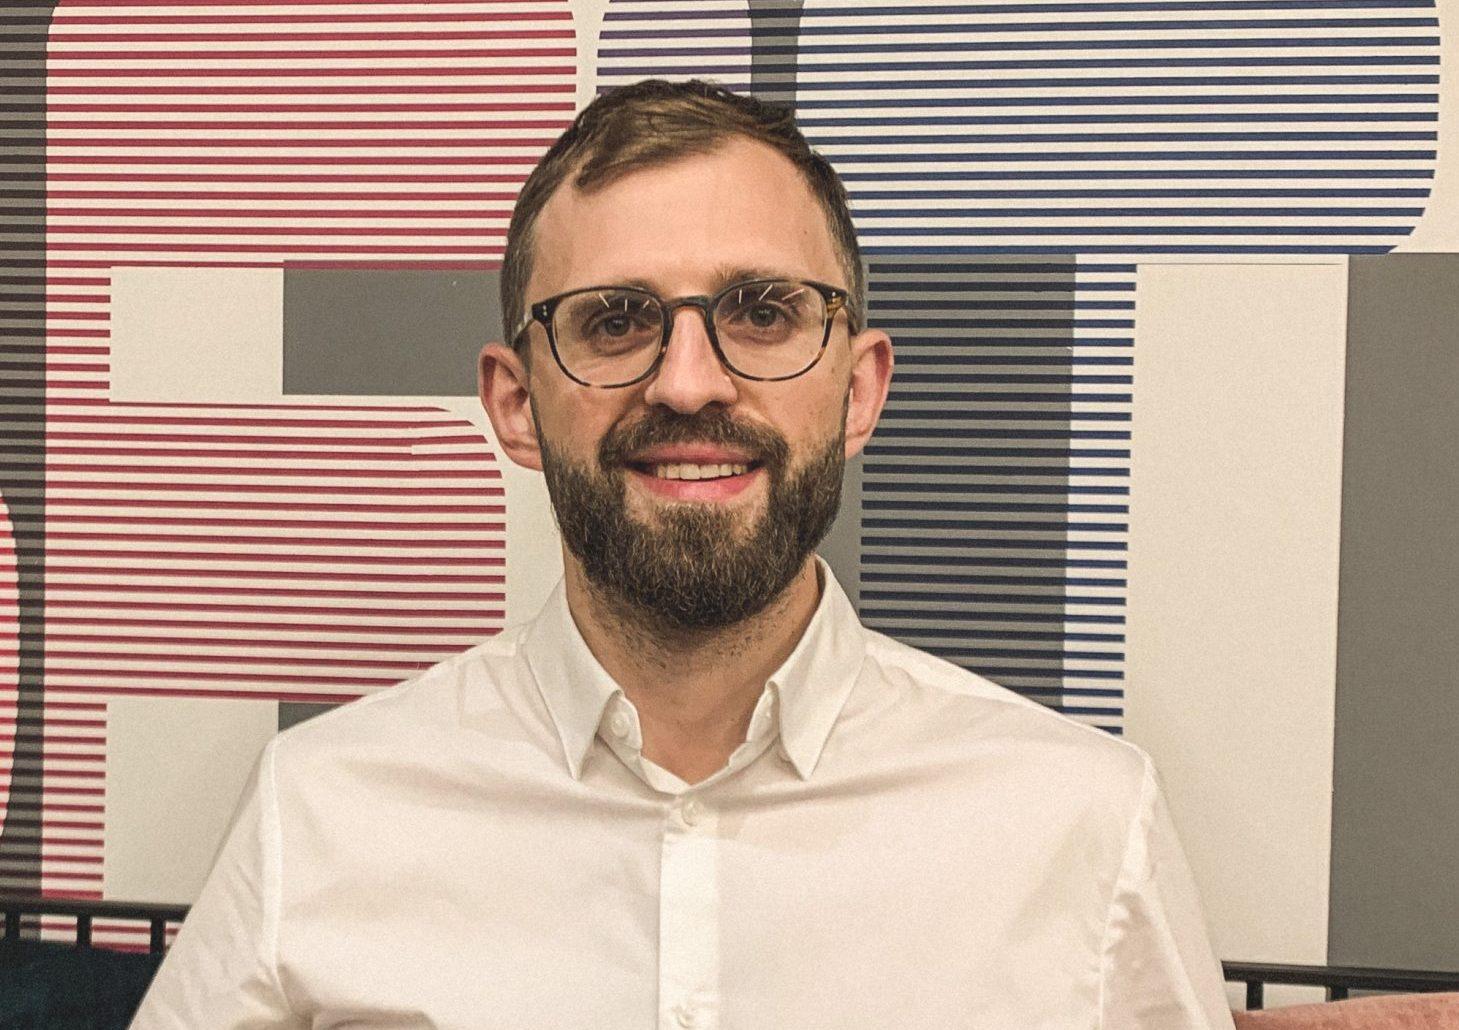 Dmitry Nedovis